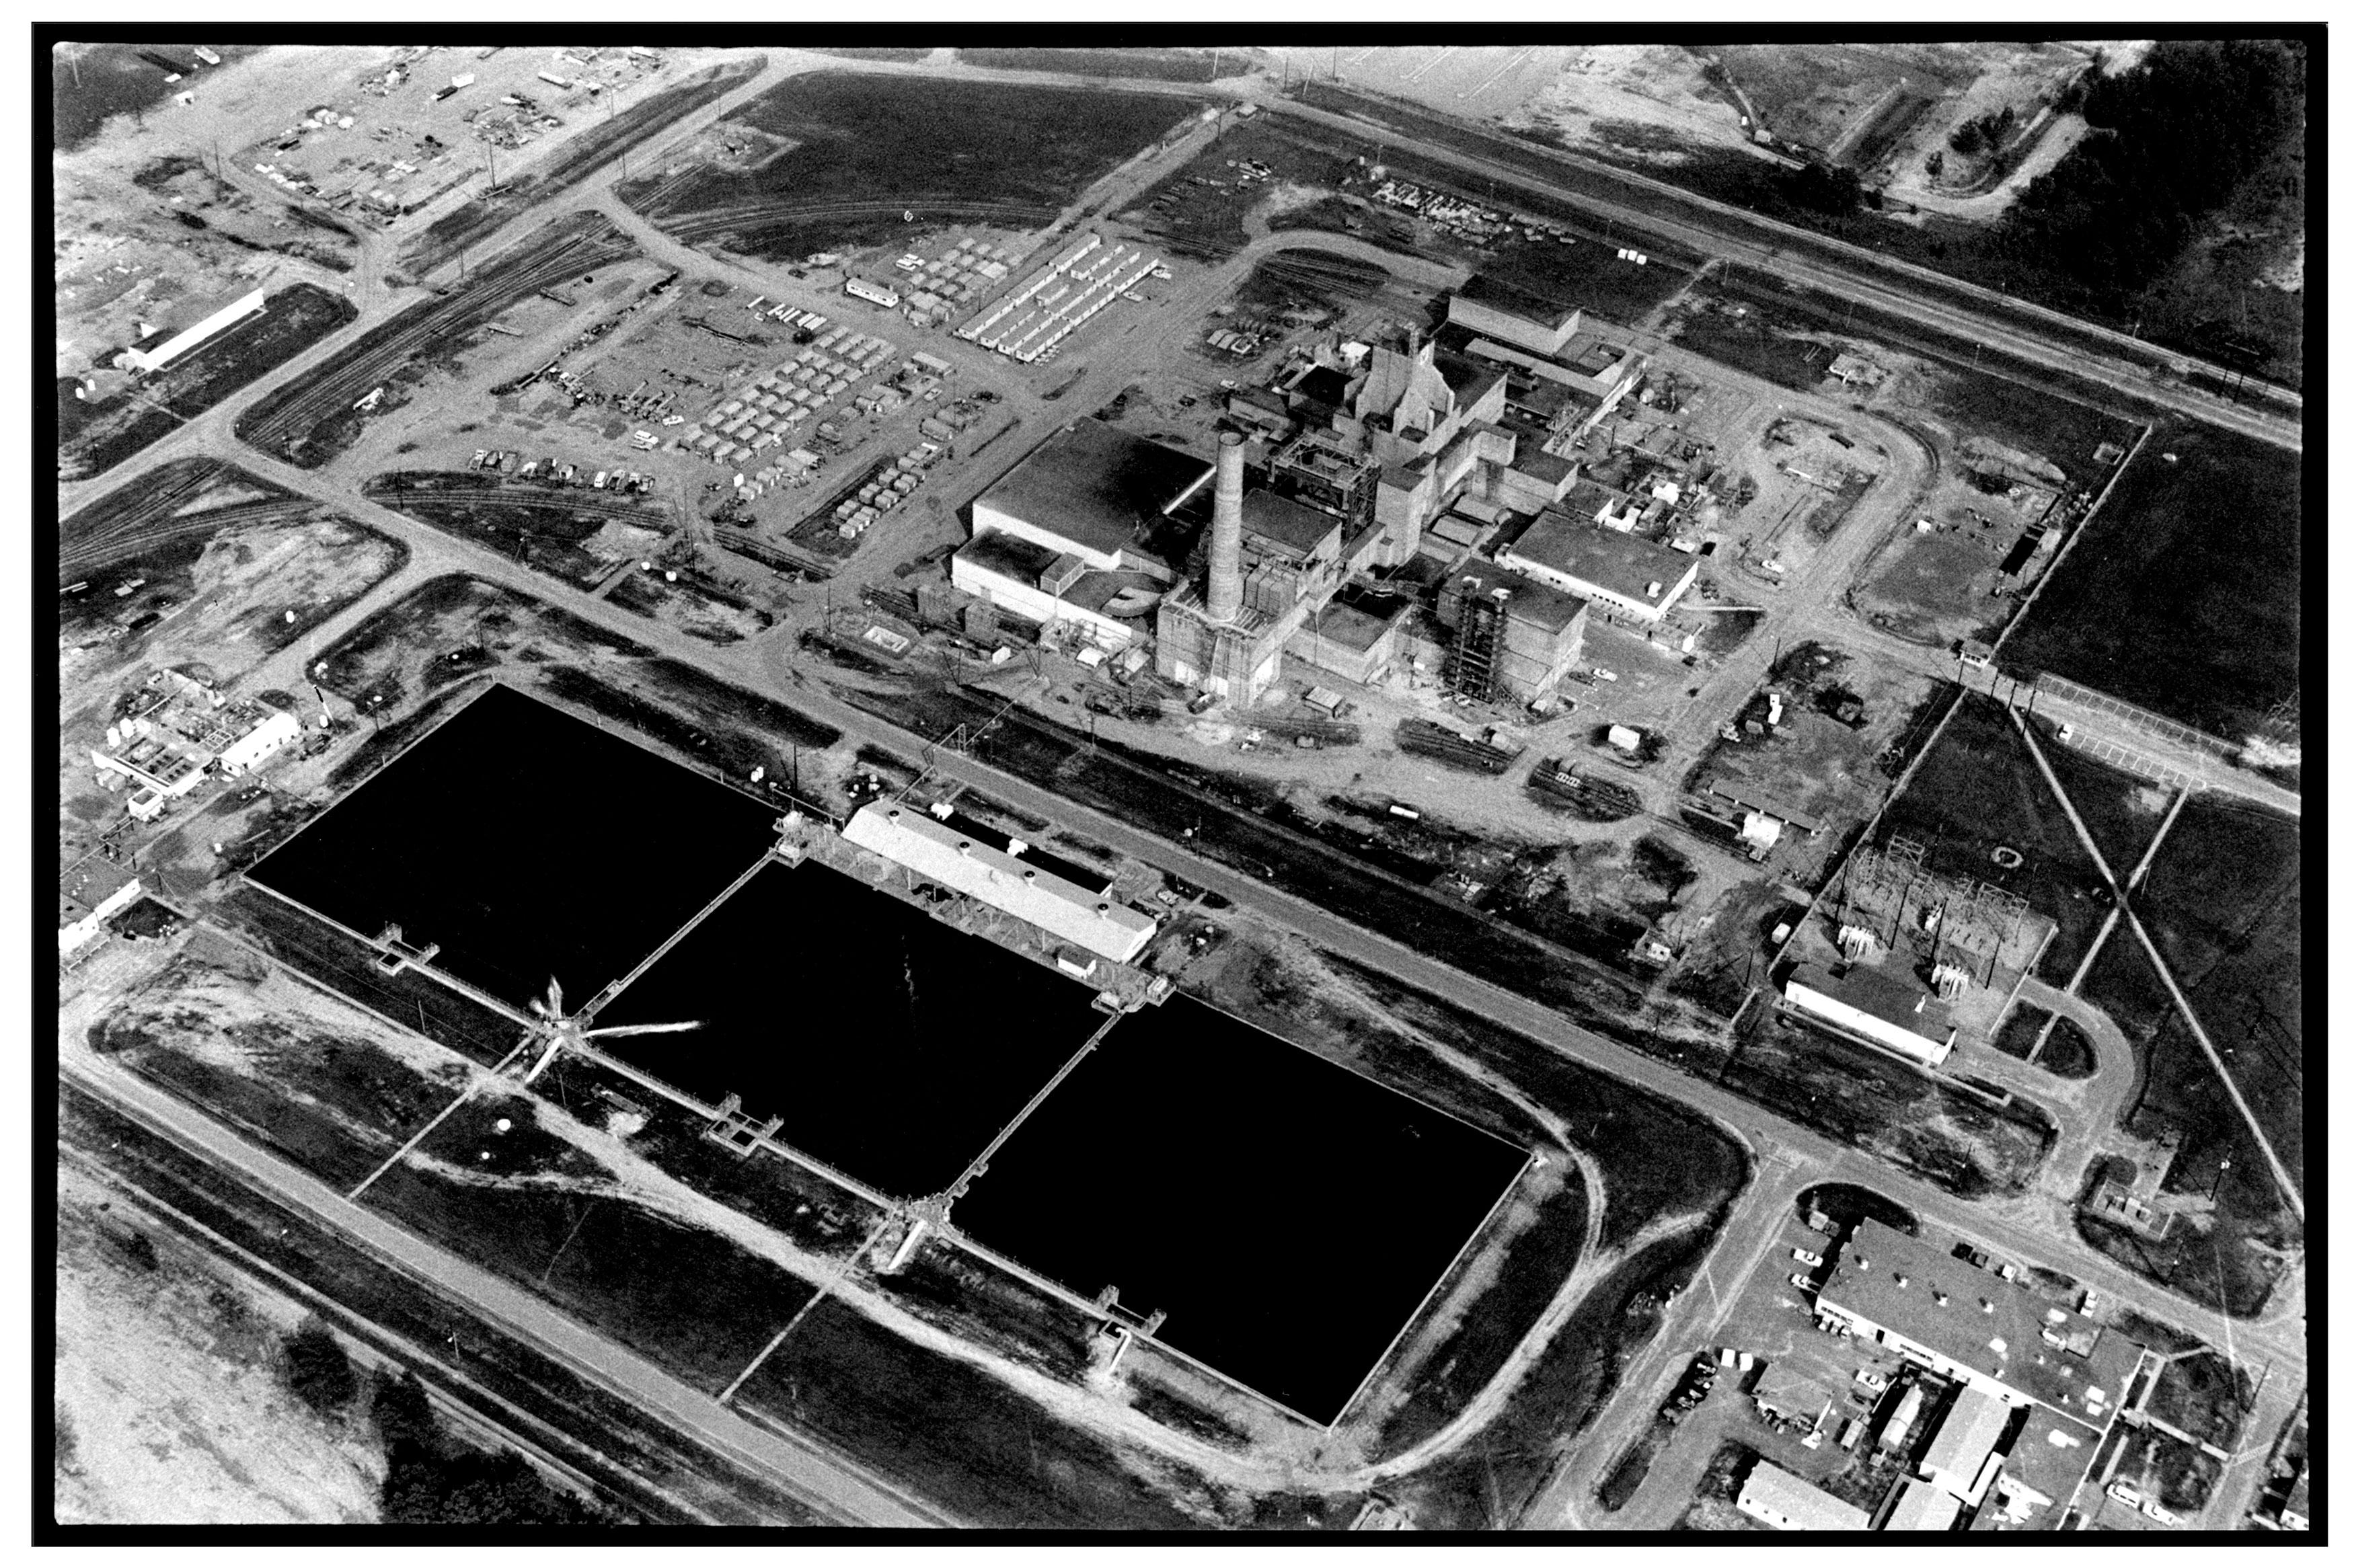 L Plutonium Production Reactor, Savannah River Site